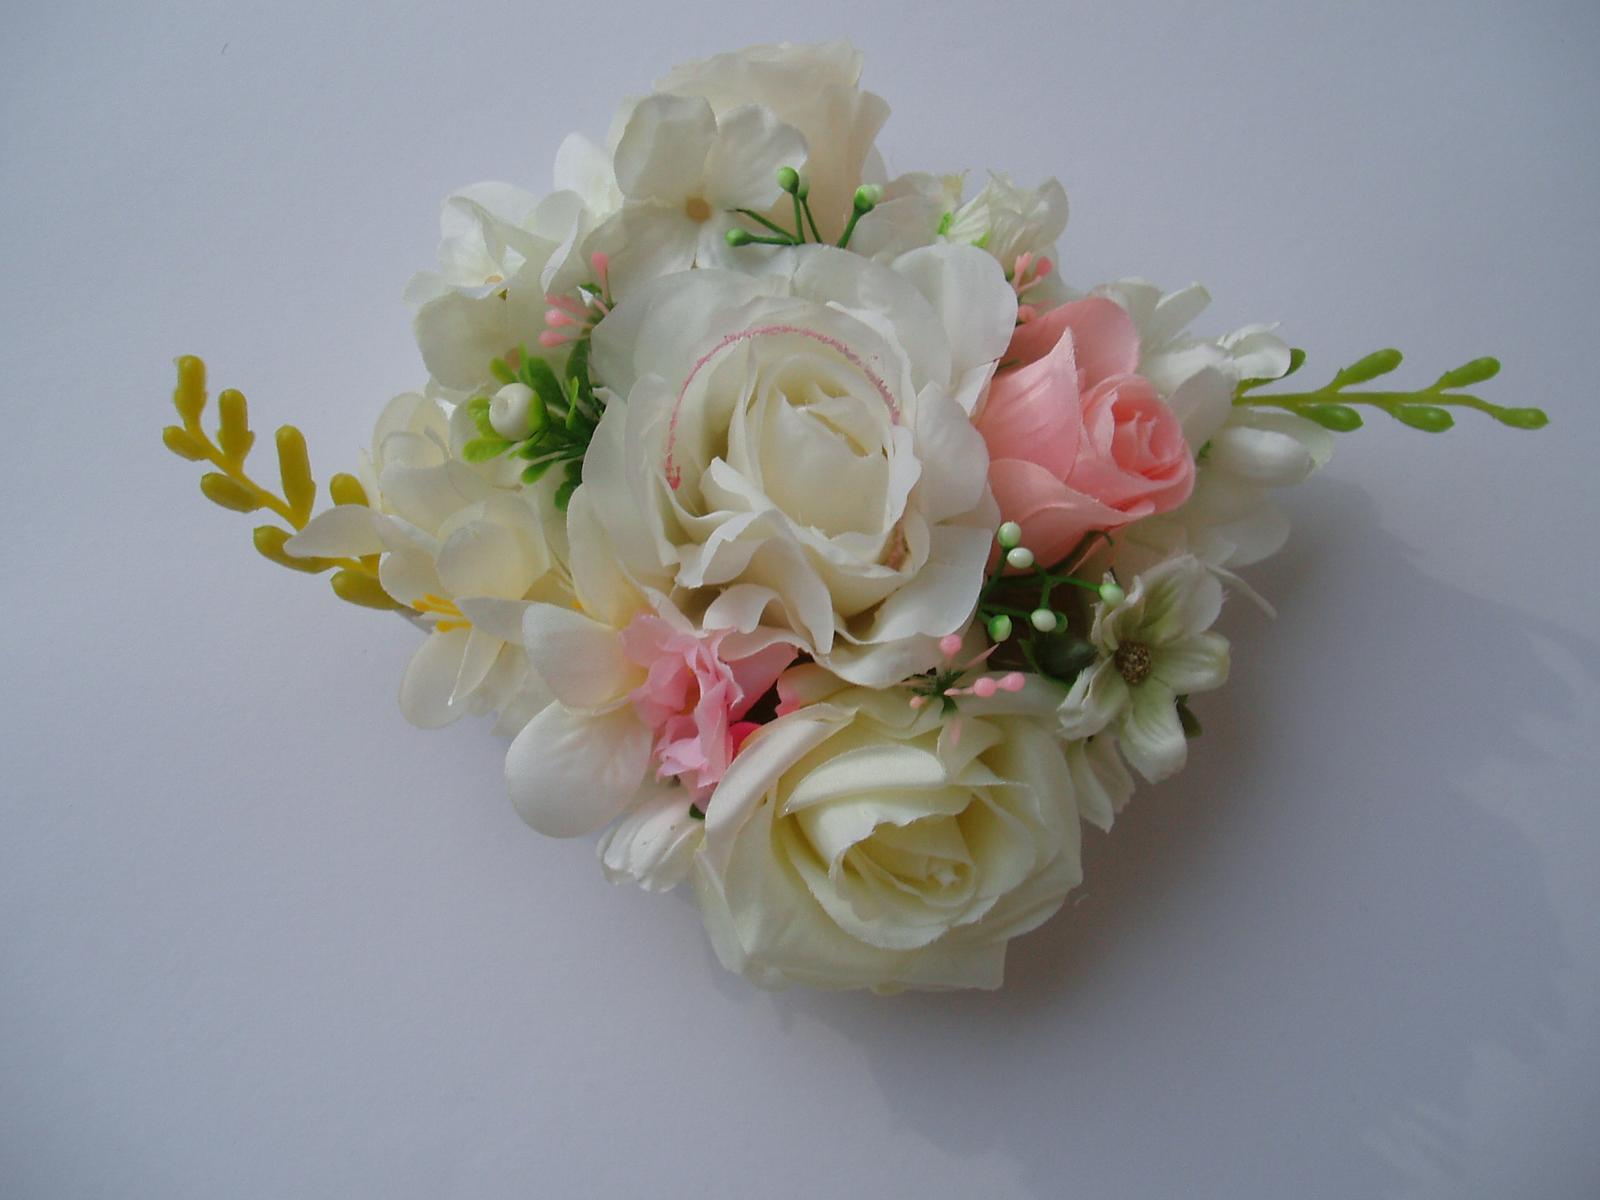 květinová dekorace - Obrázek č. 4